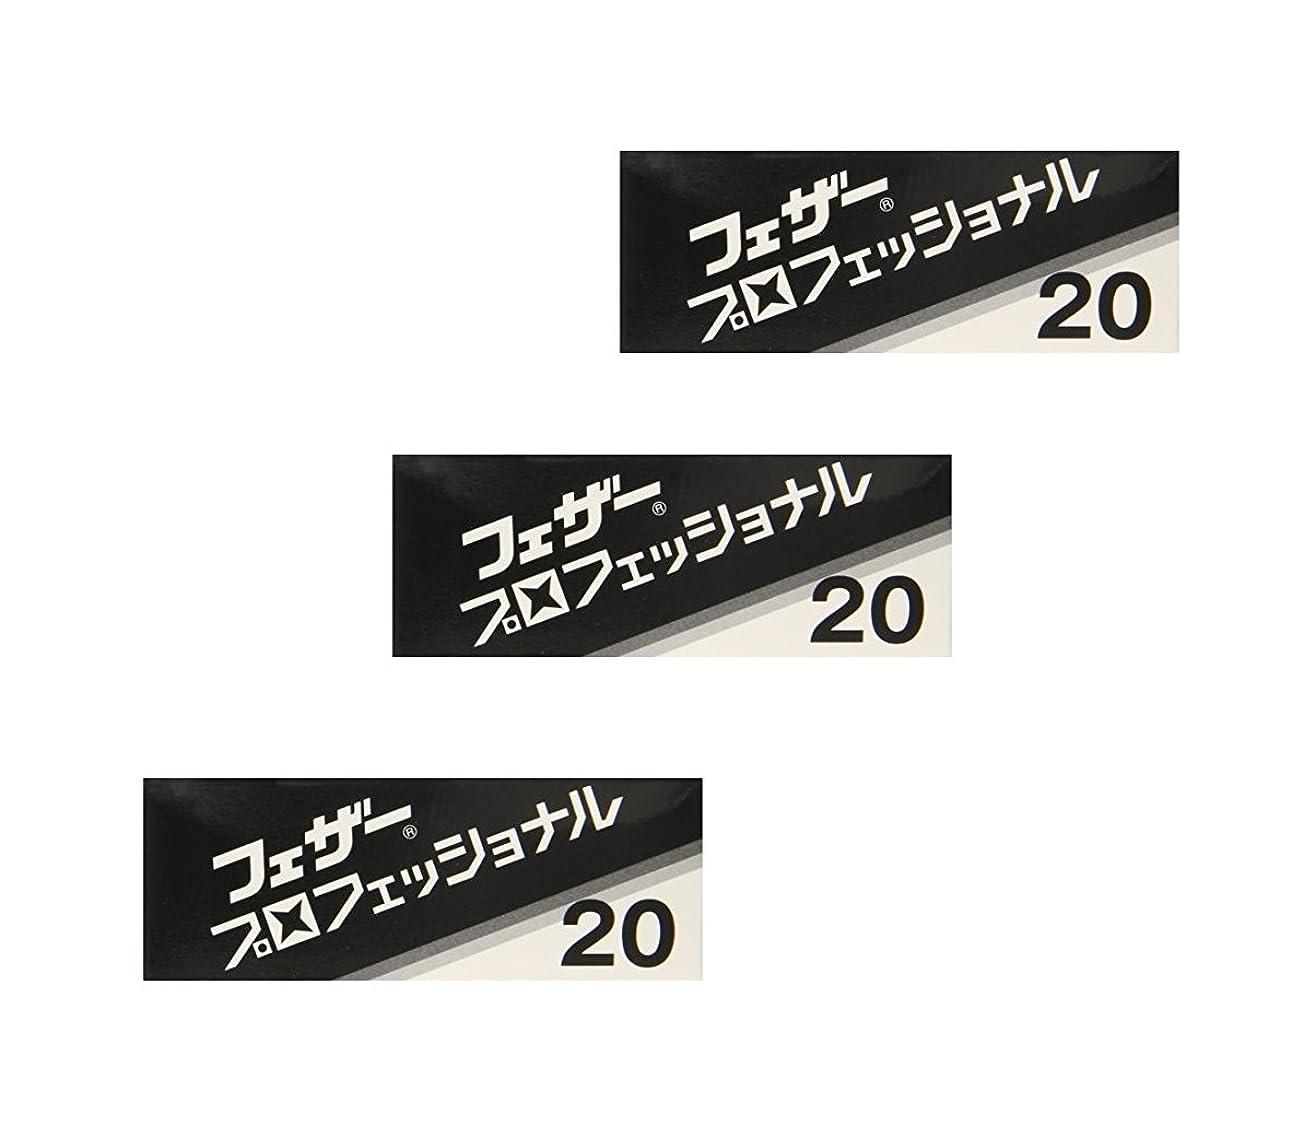 一杯スプレーエーカー【3個セット】 フェザー プロフェッショナルブレイド 20枚入 PB-20